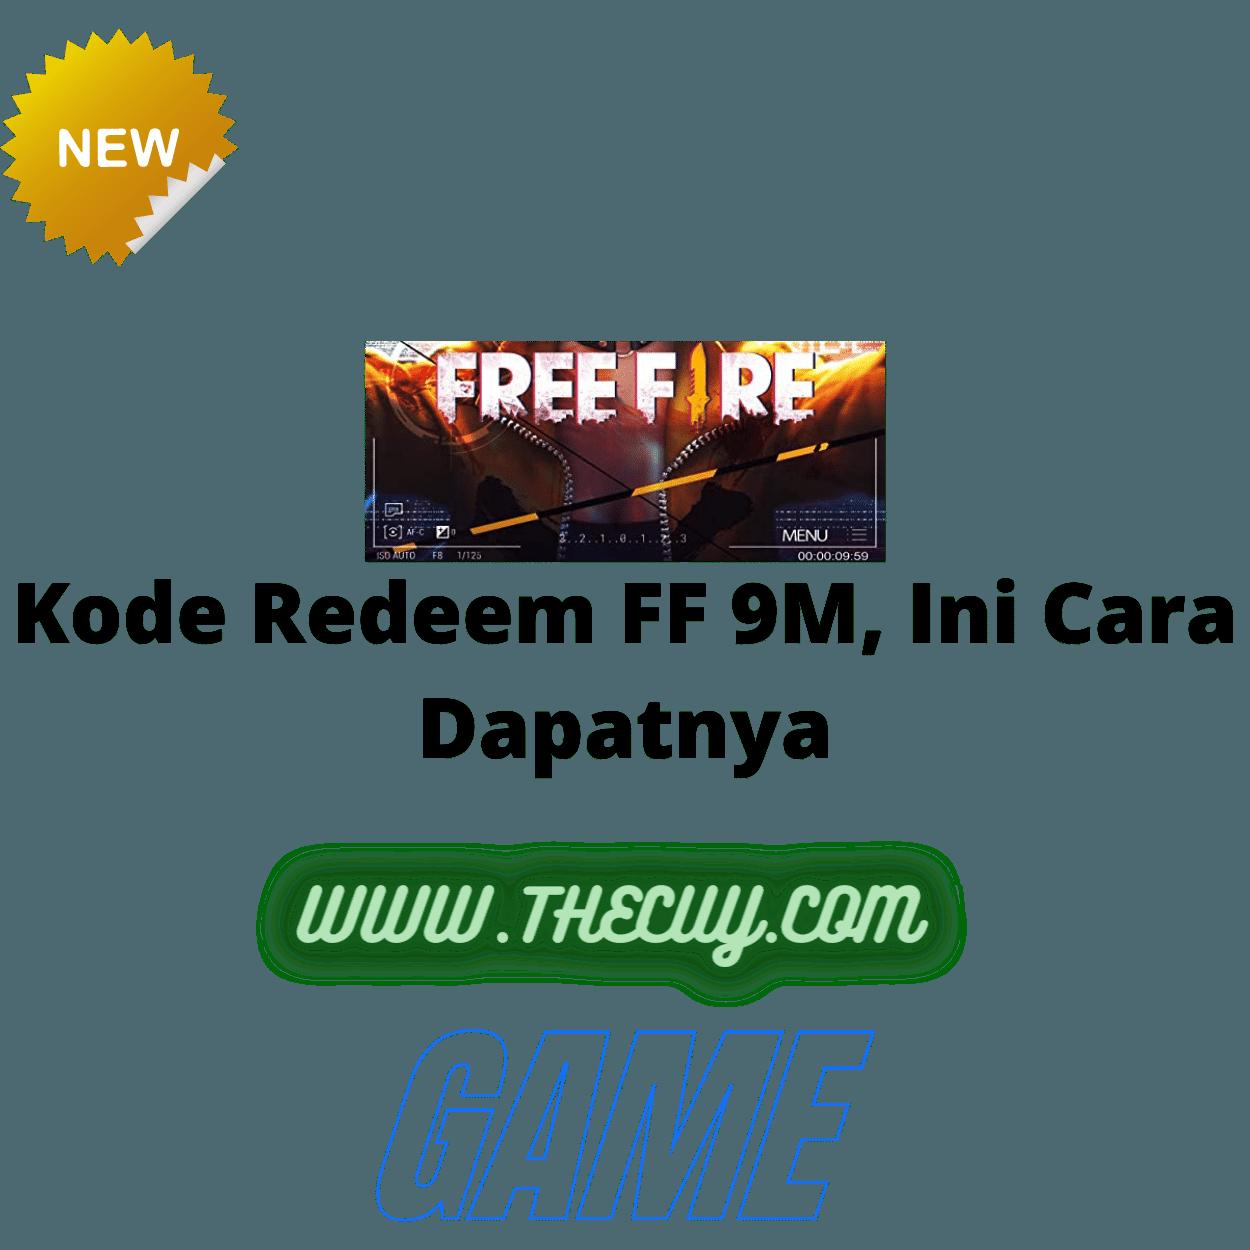 Kode Redeem FF 9M, Ini Cara Dapatnya